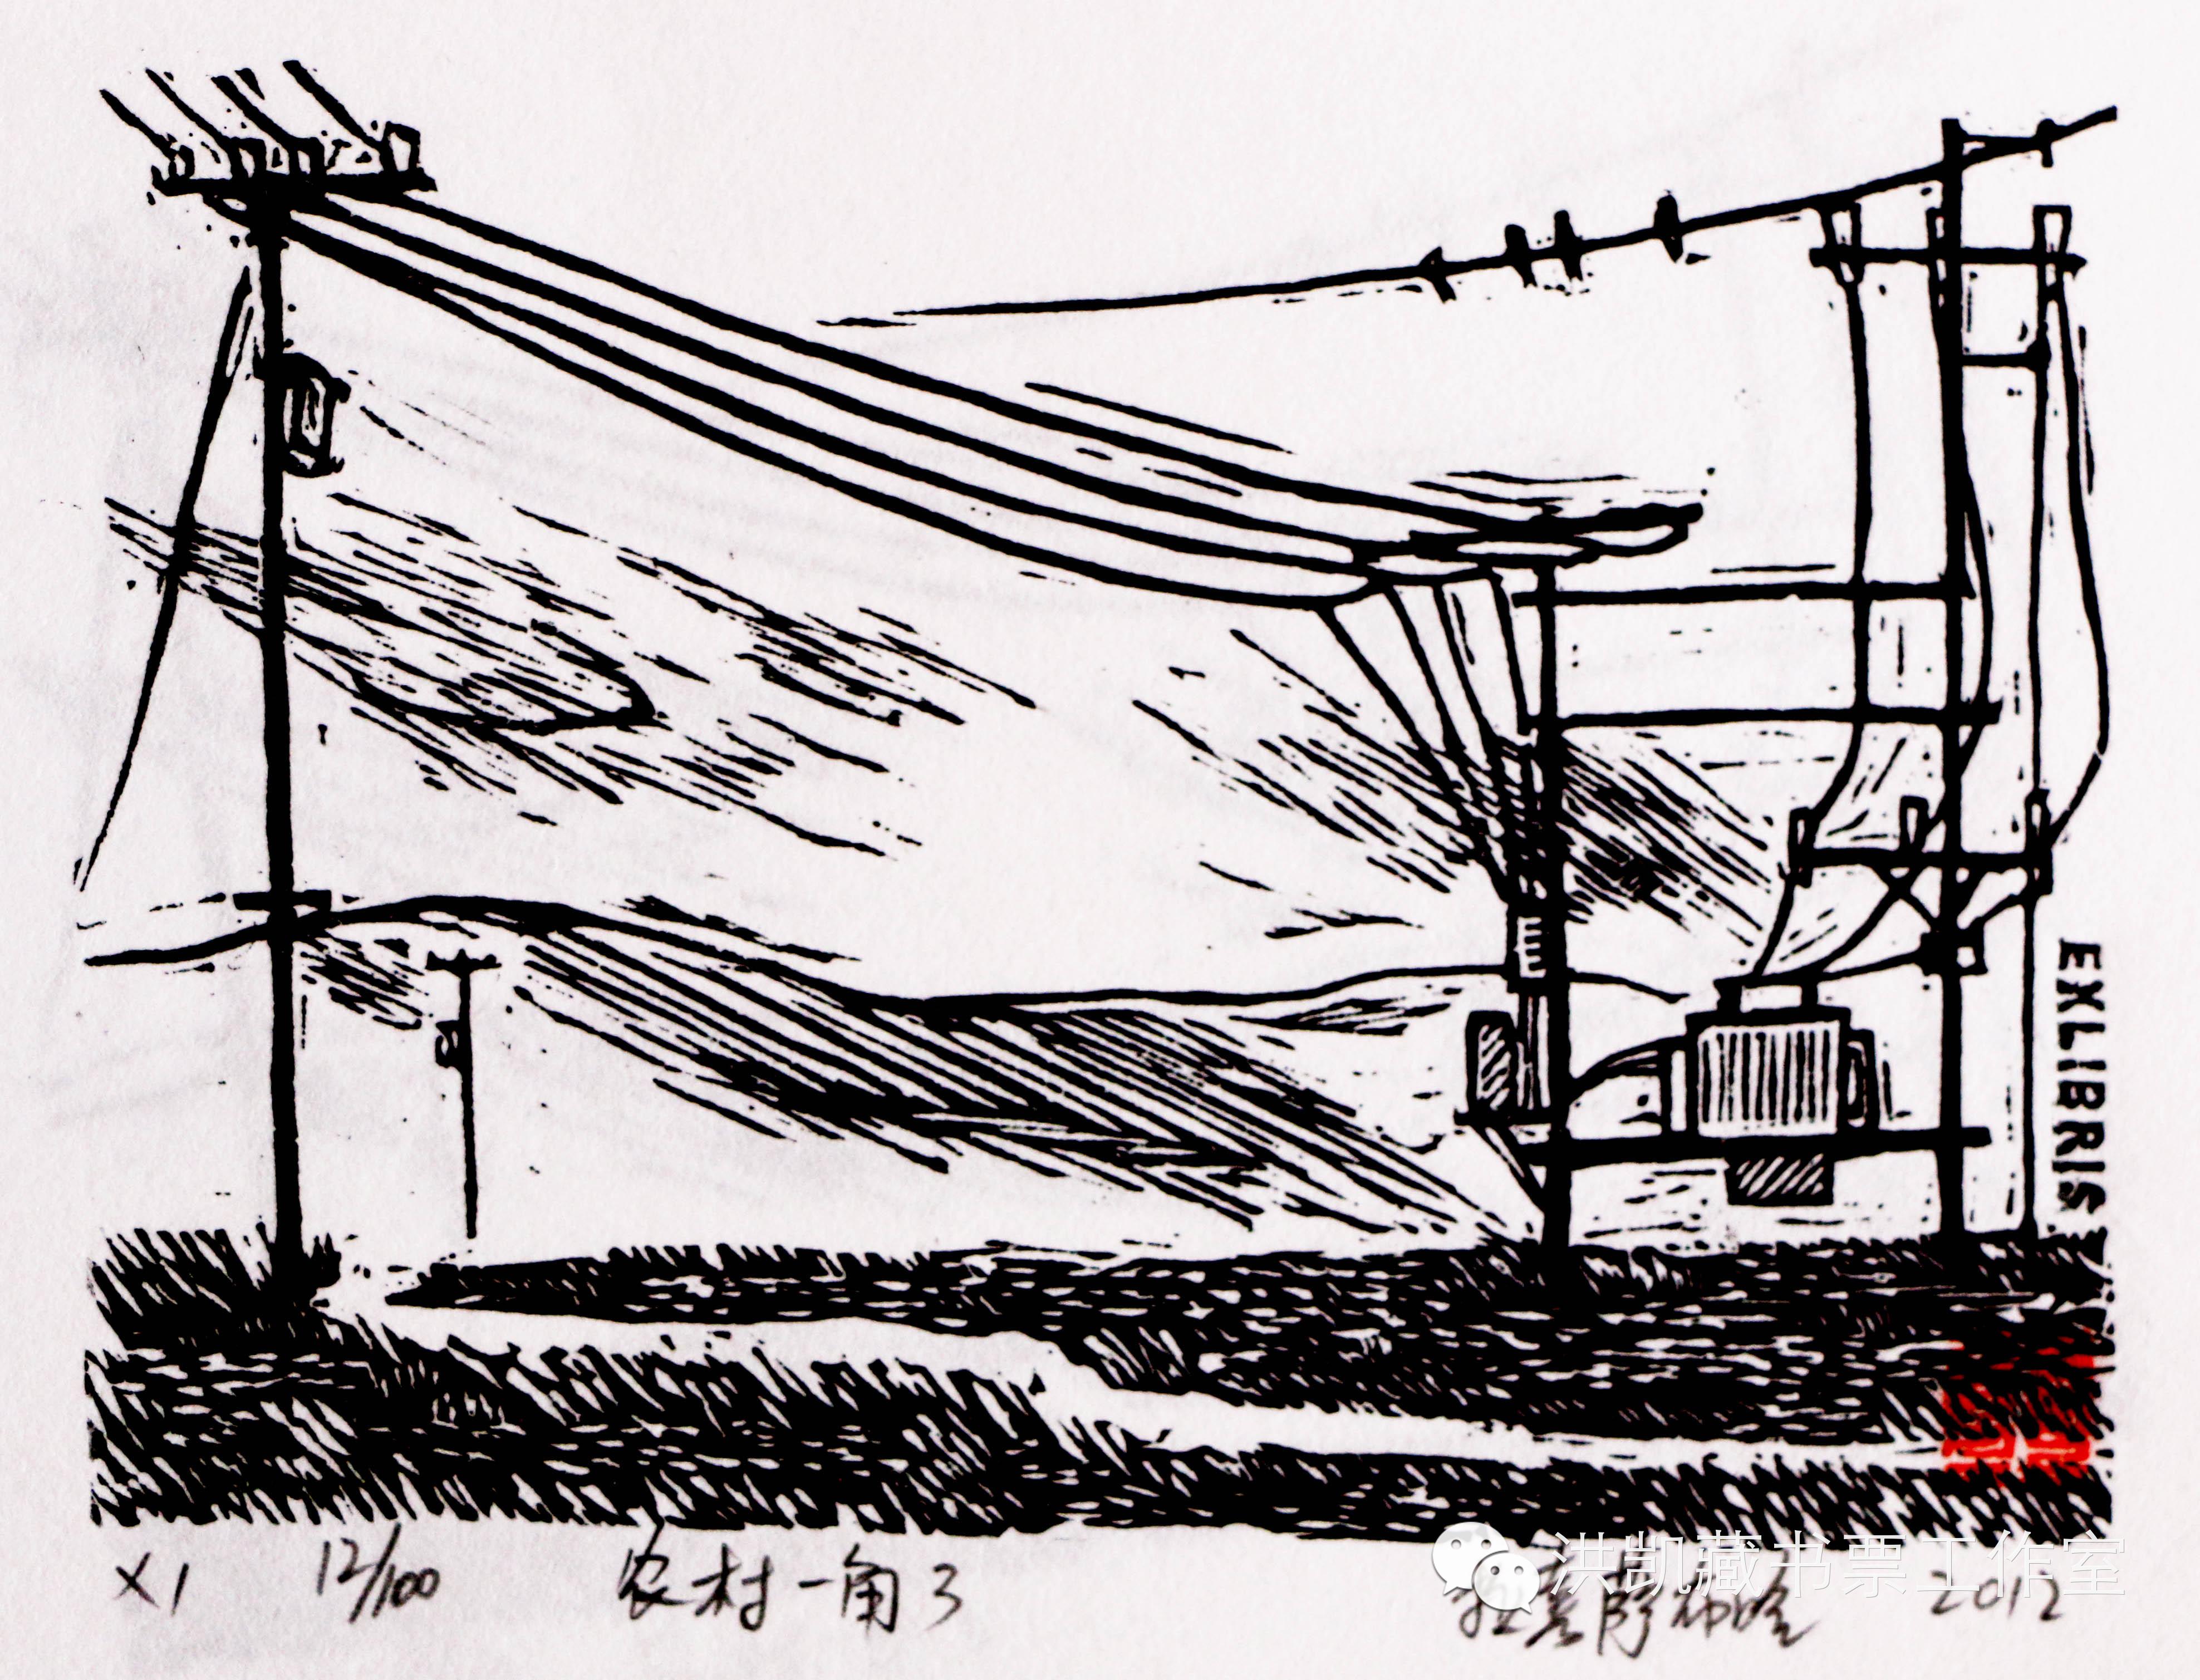 版画作品推荐002期-(内蒙古版画家)拉喜萨布哈﹒版画&藏书票作品欣赏 第16张